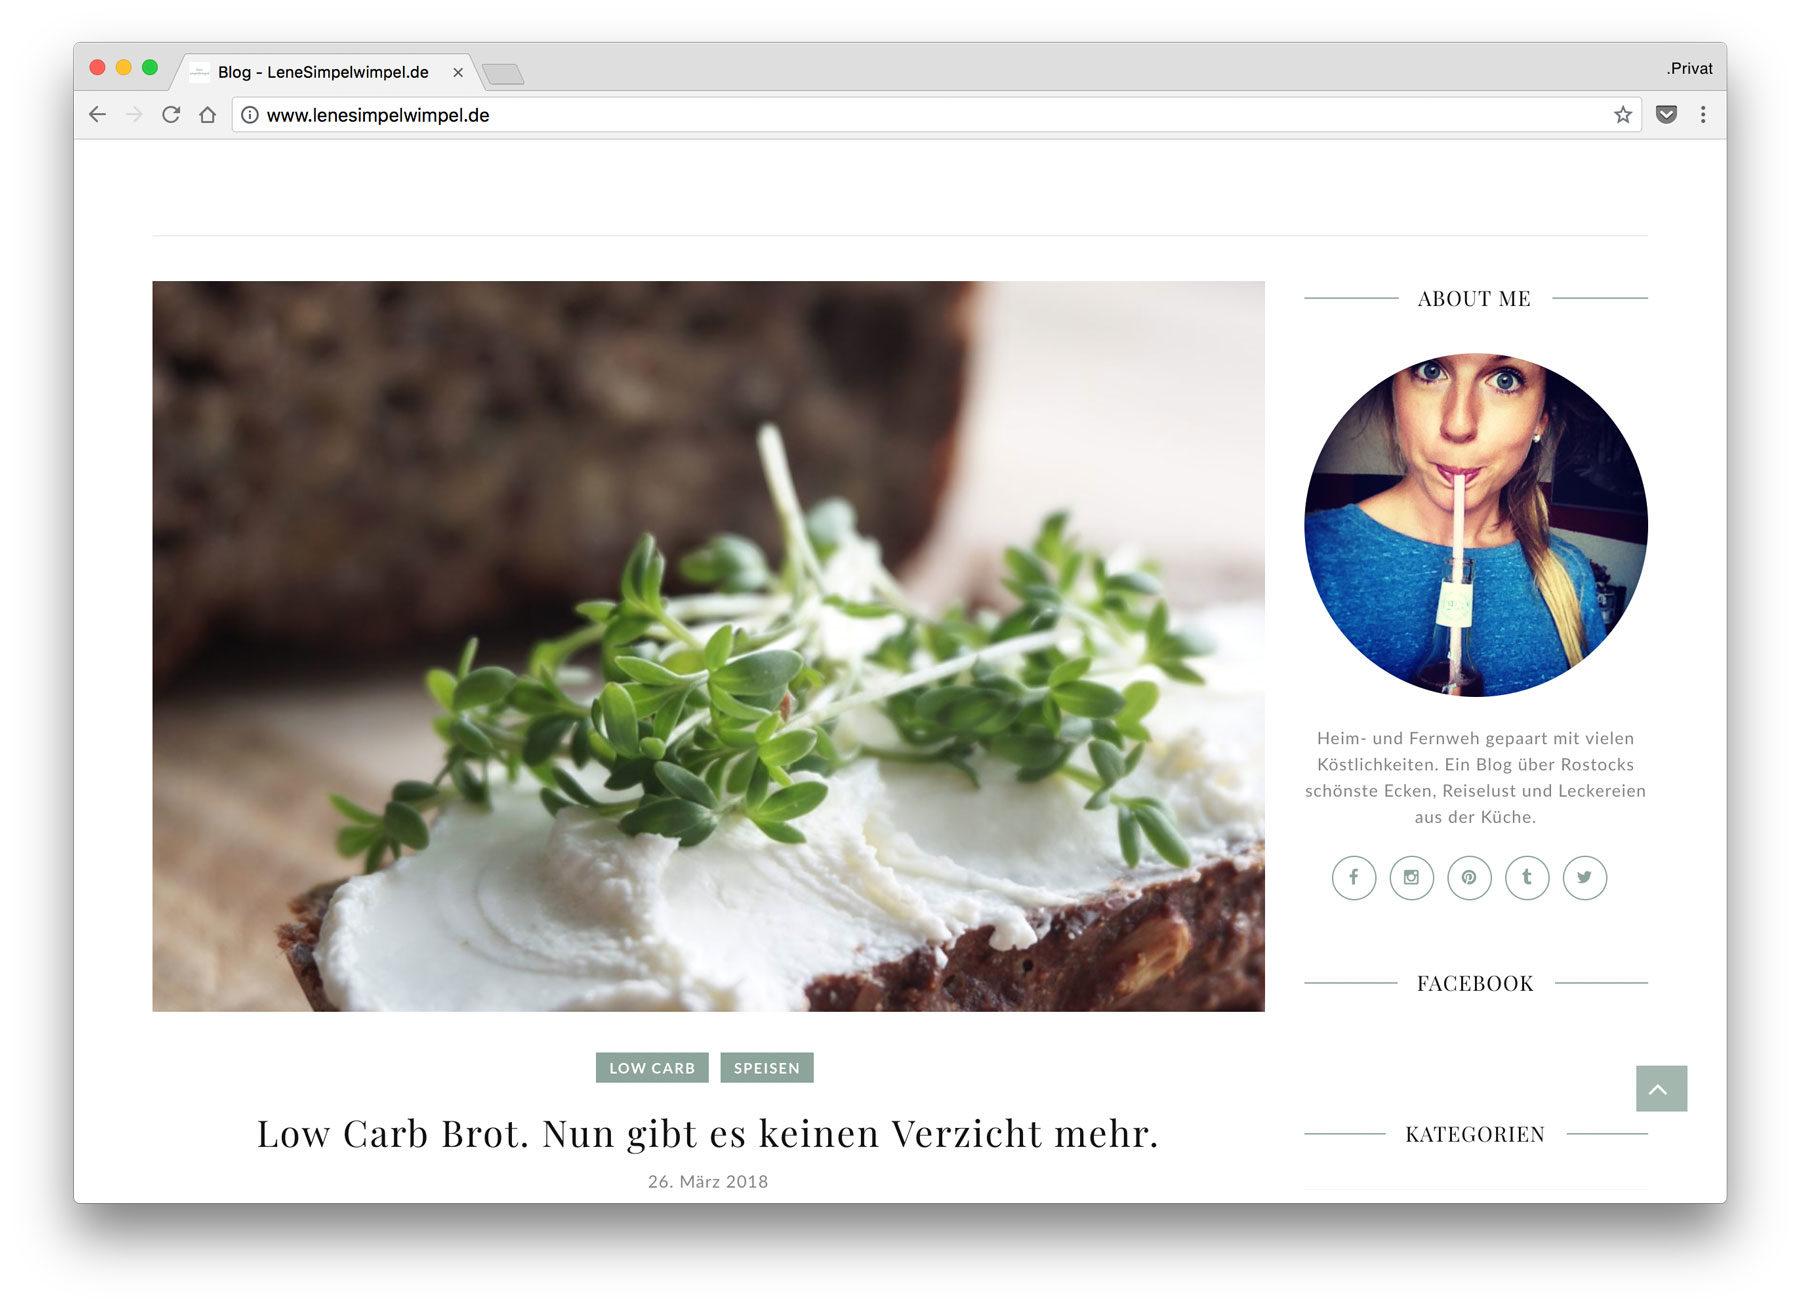 #wirliebenblogs lenesimpelwimpel.de